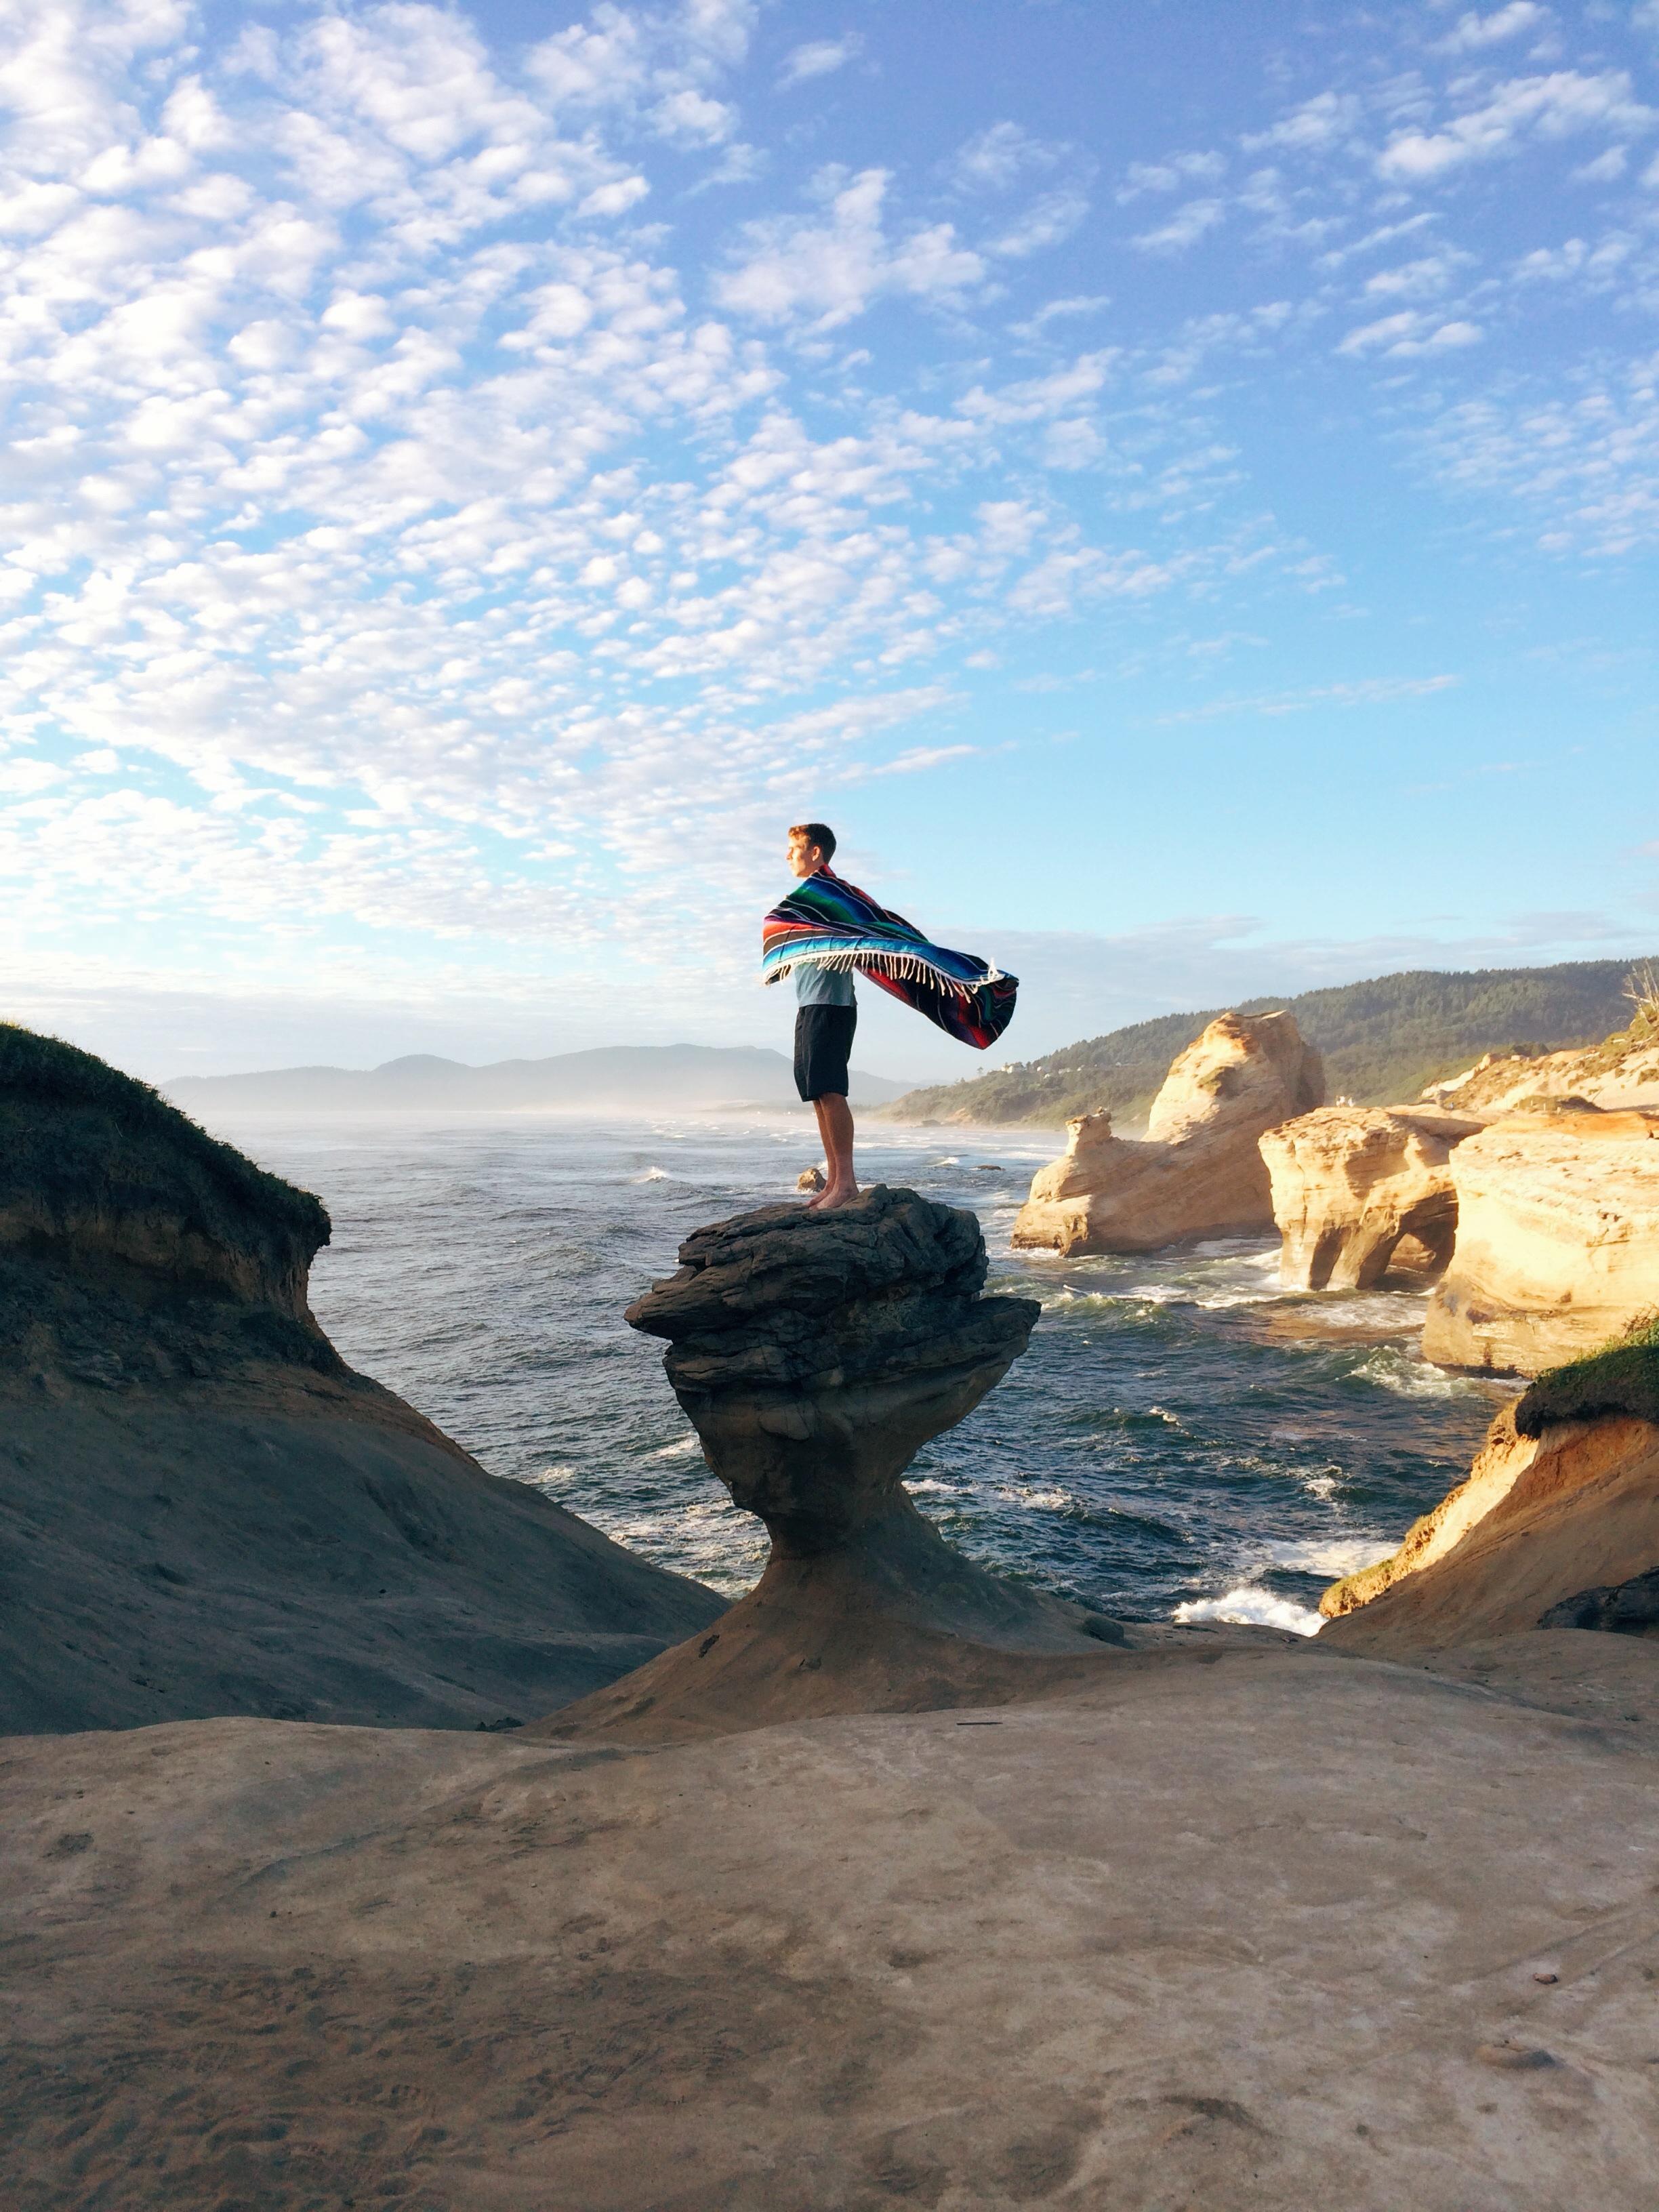 Me on the Cape Kiwanda rock taken by Nathaniel